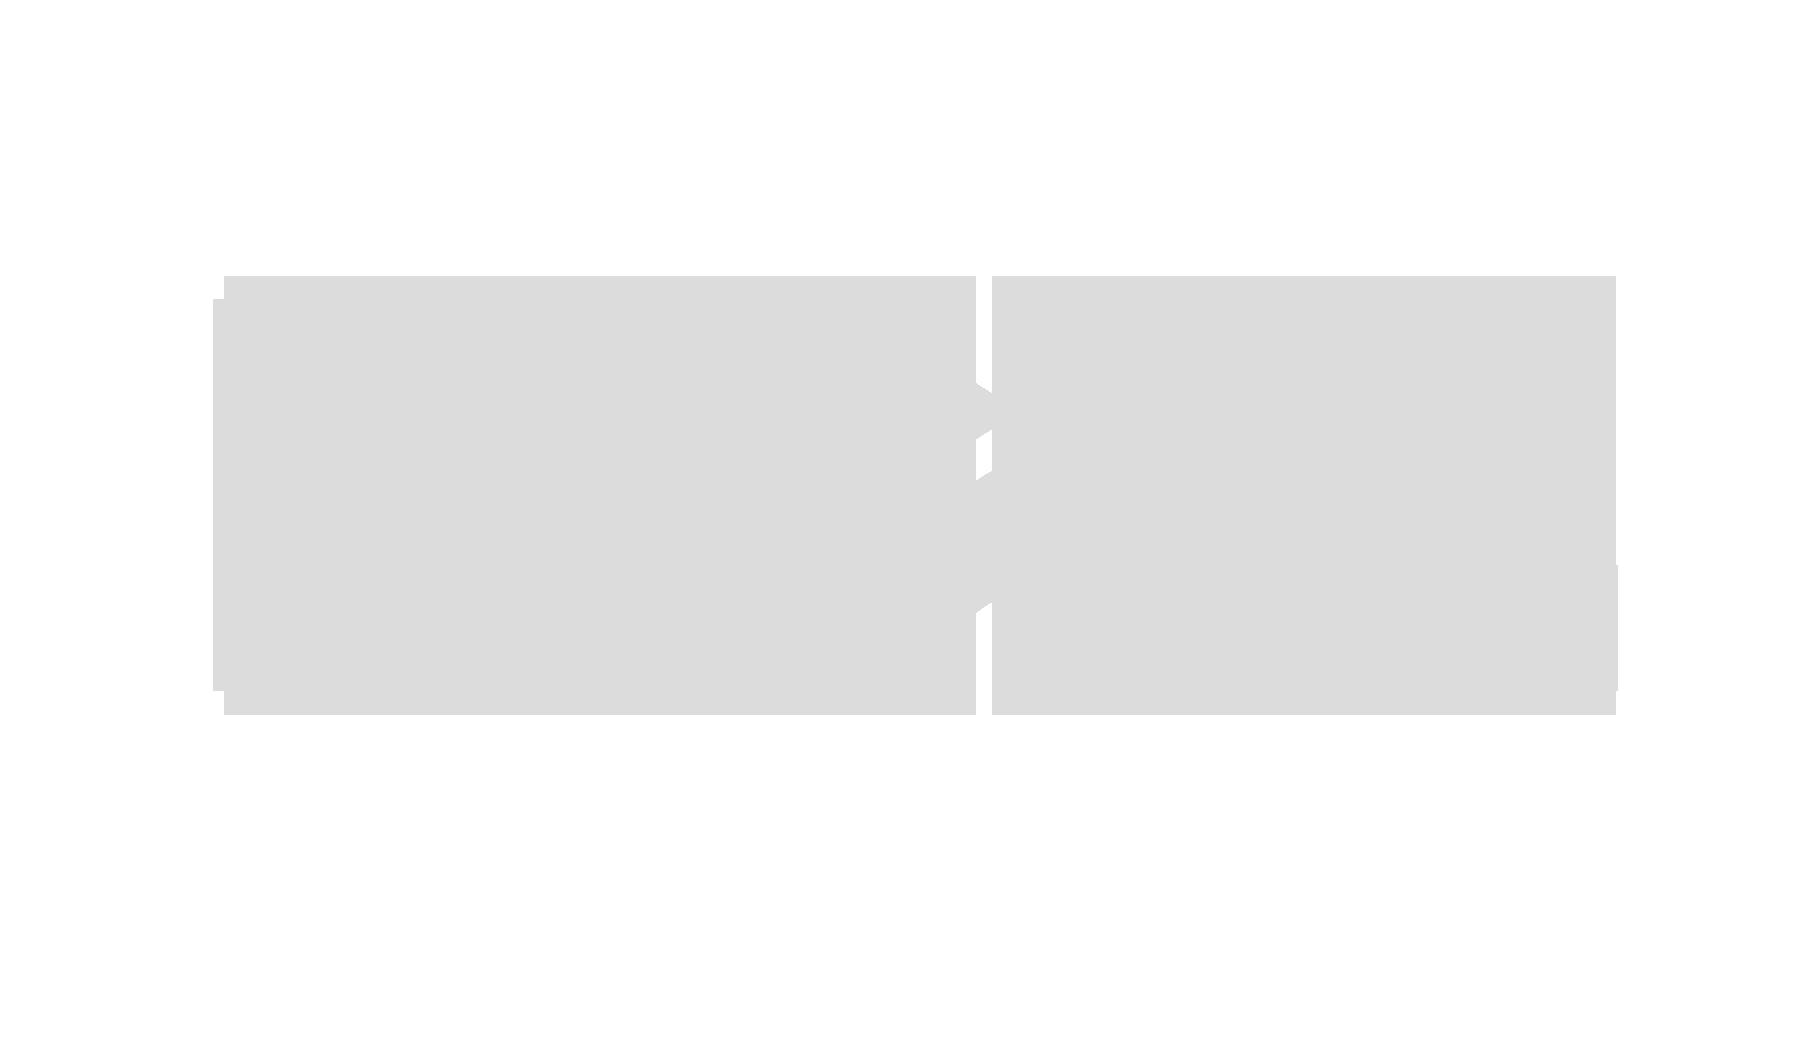 DELL_G